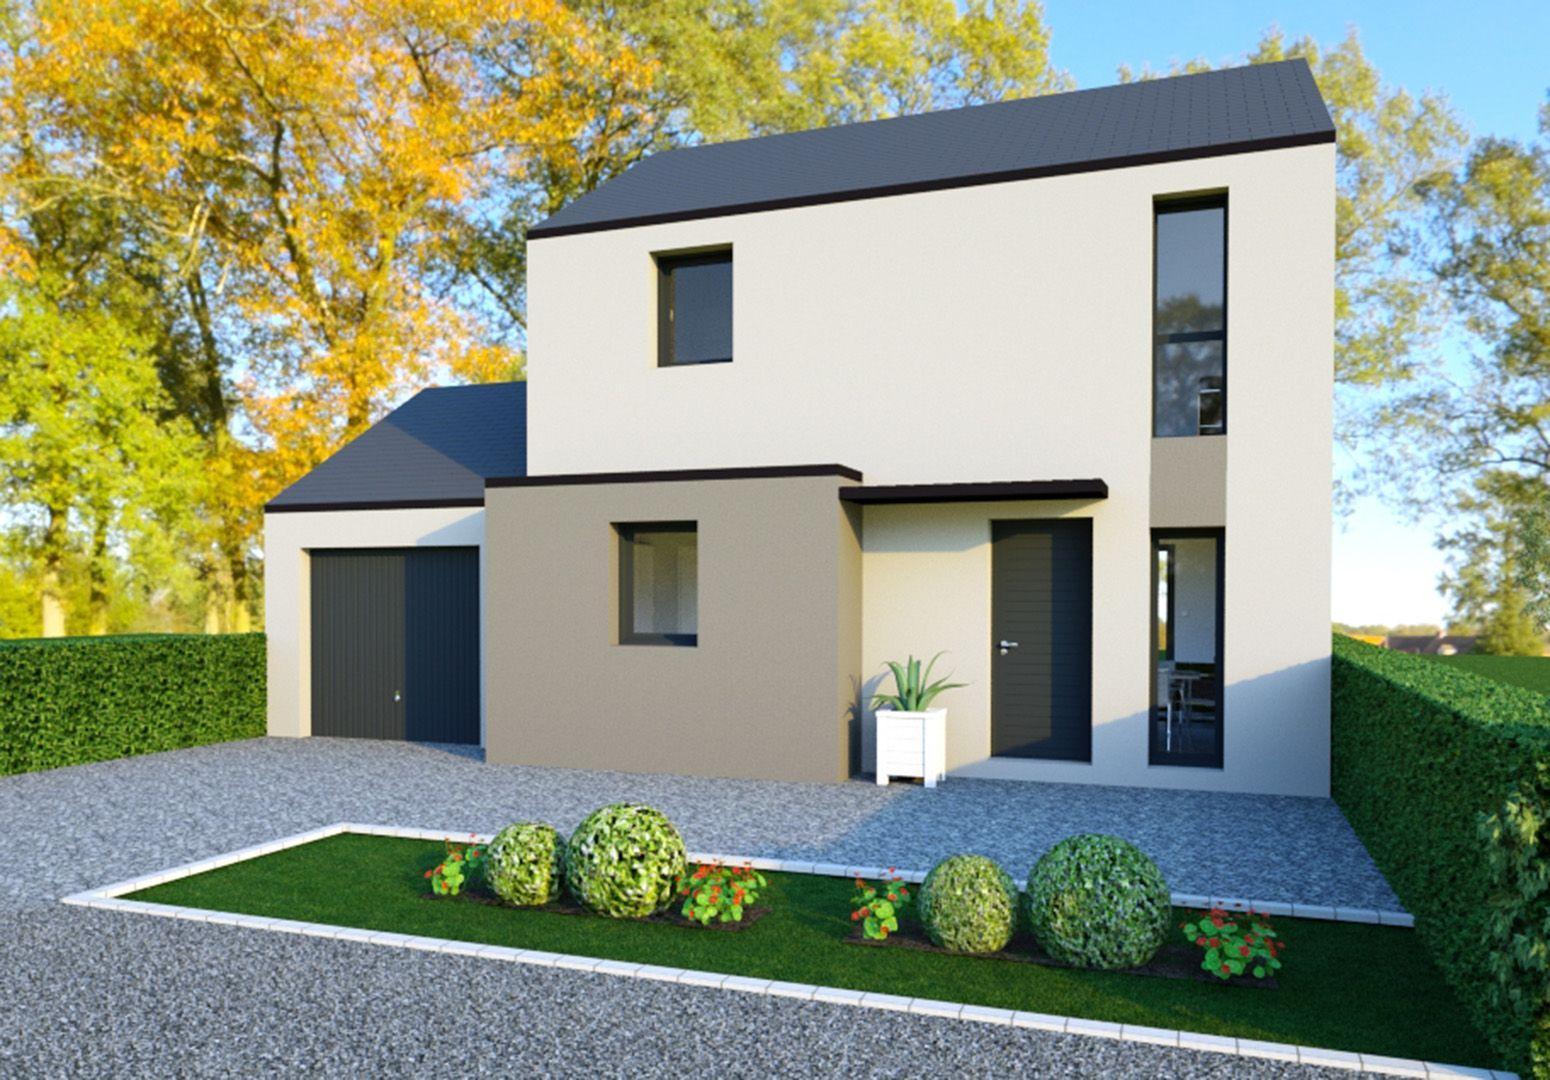 Image du modèle de maison QUEVERT 3CH 80